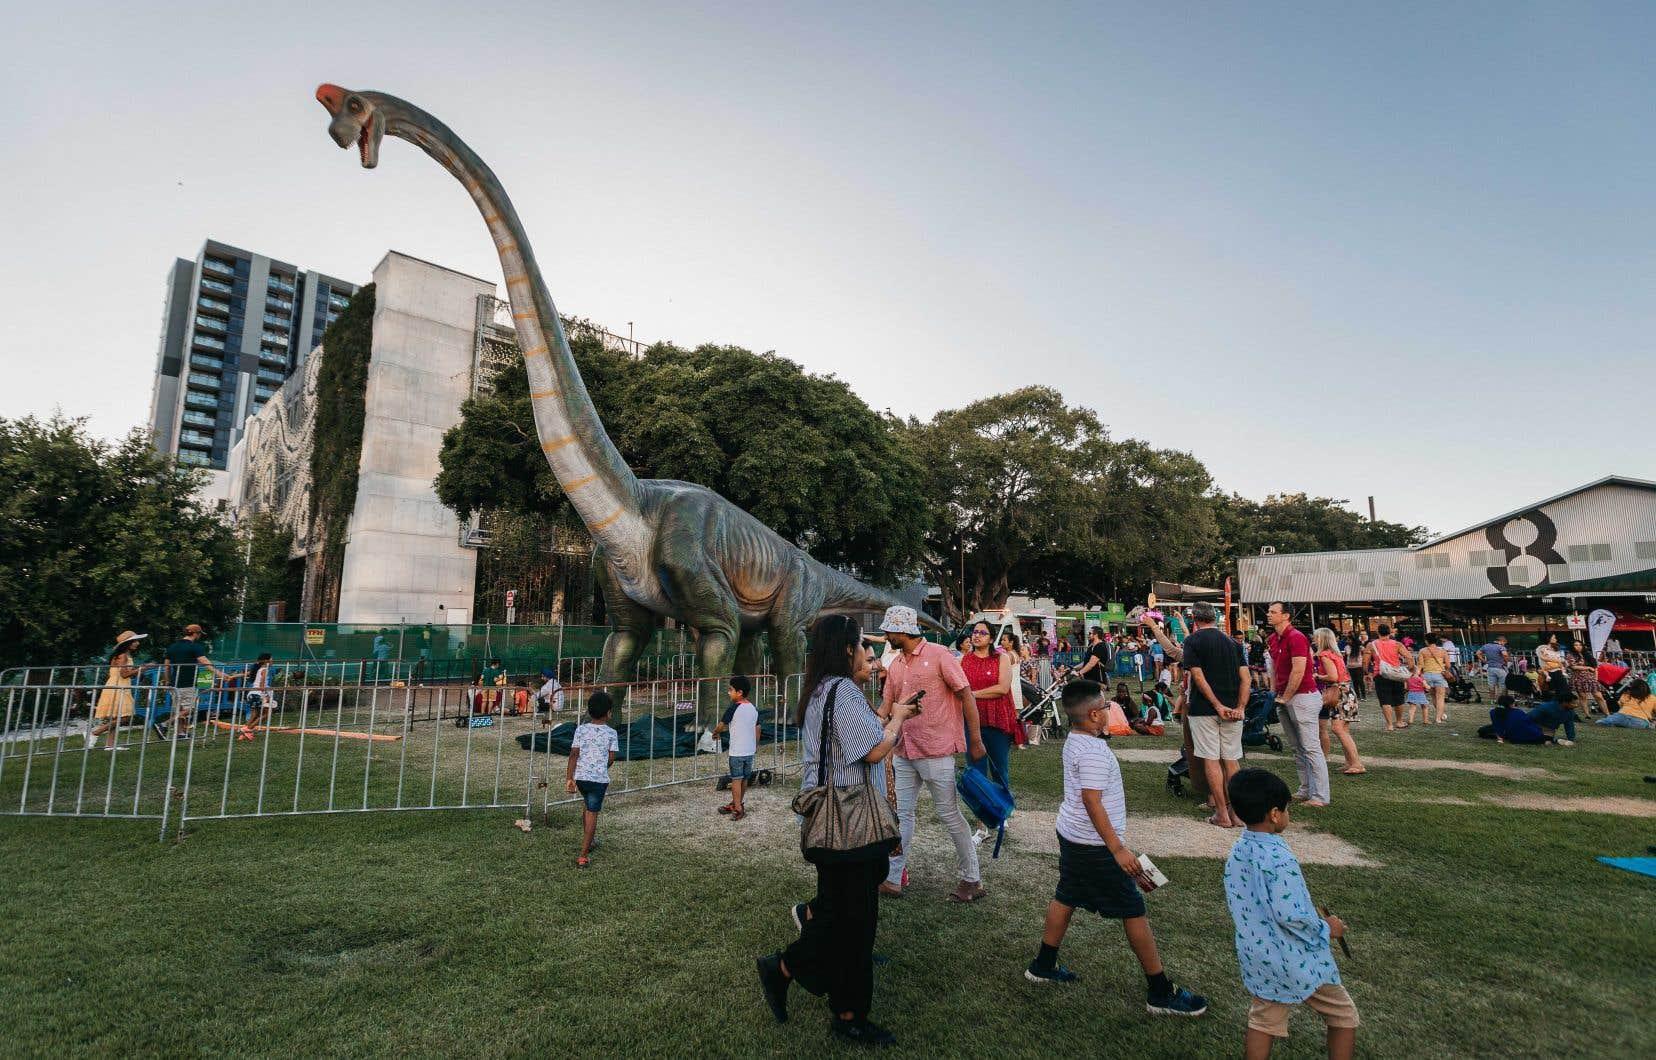 Les détenteurs de billets pour Jurassic Fest Montréal craignent que l'exposition de dinosaures grandeur nature qui aura lieu en octobre ne soit un canular, car le promoteur de l'événement a déjà fait face à des accusations de fausse publicité pour des événements similaires en Australie.